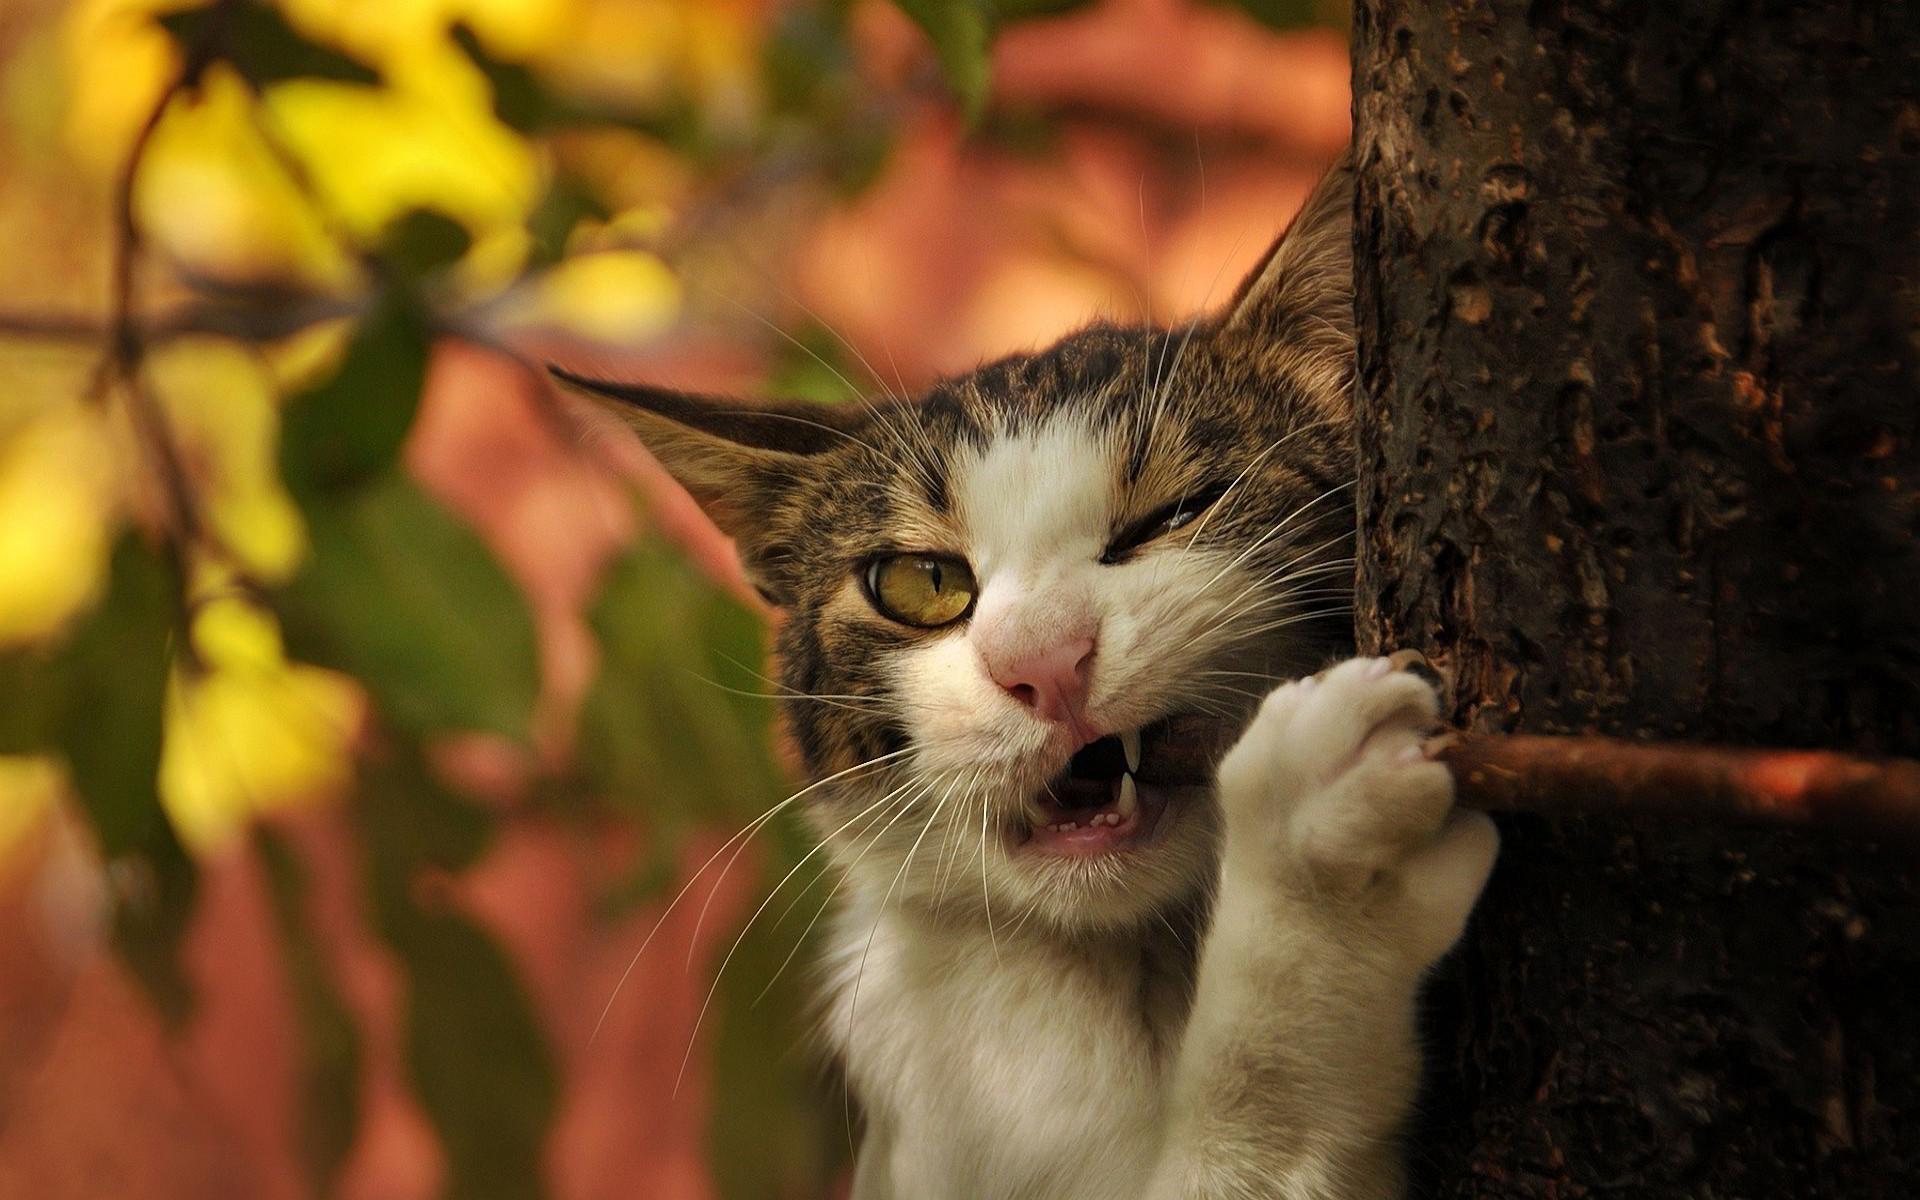 Funny cat bite